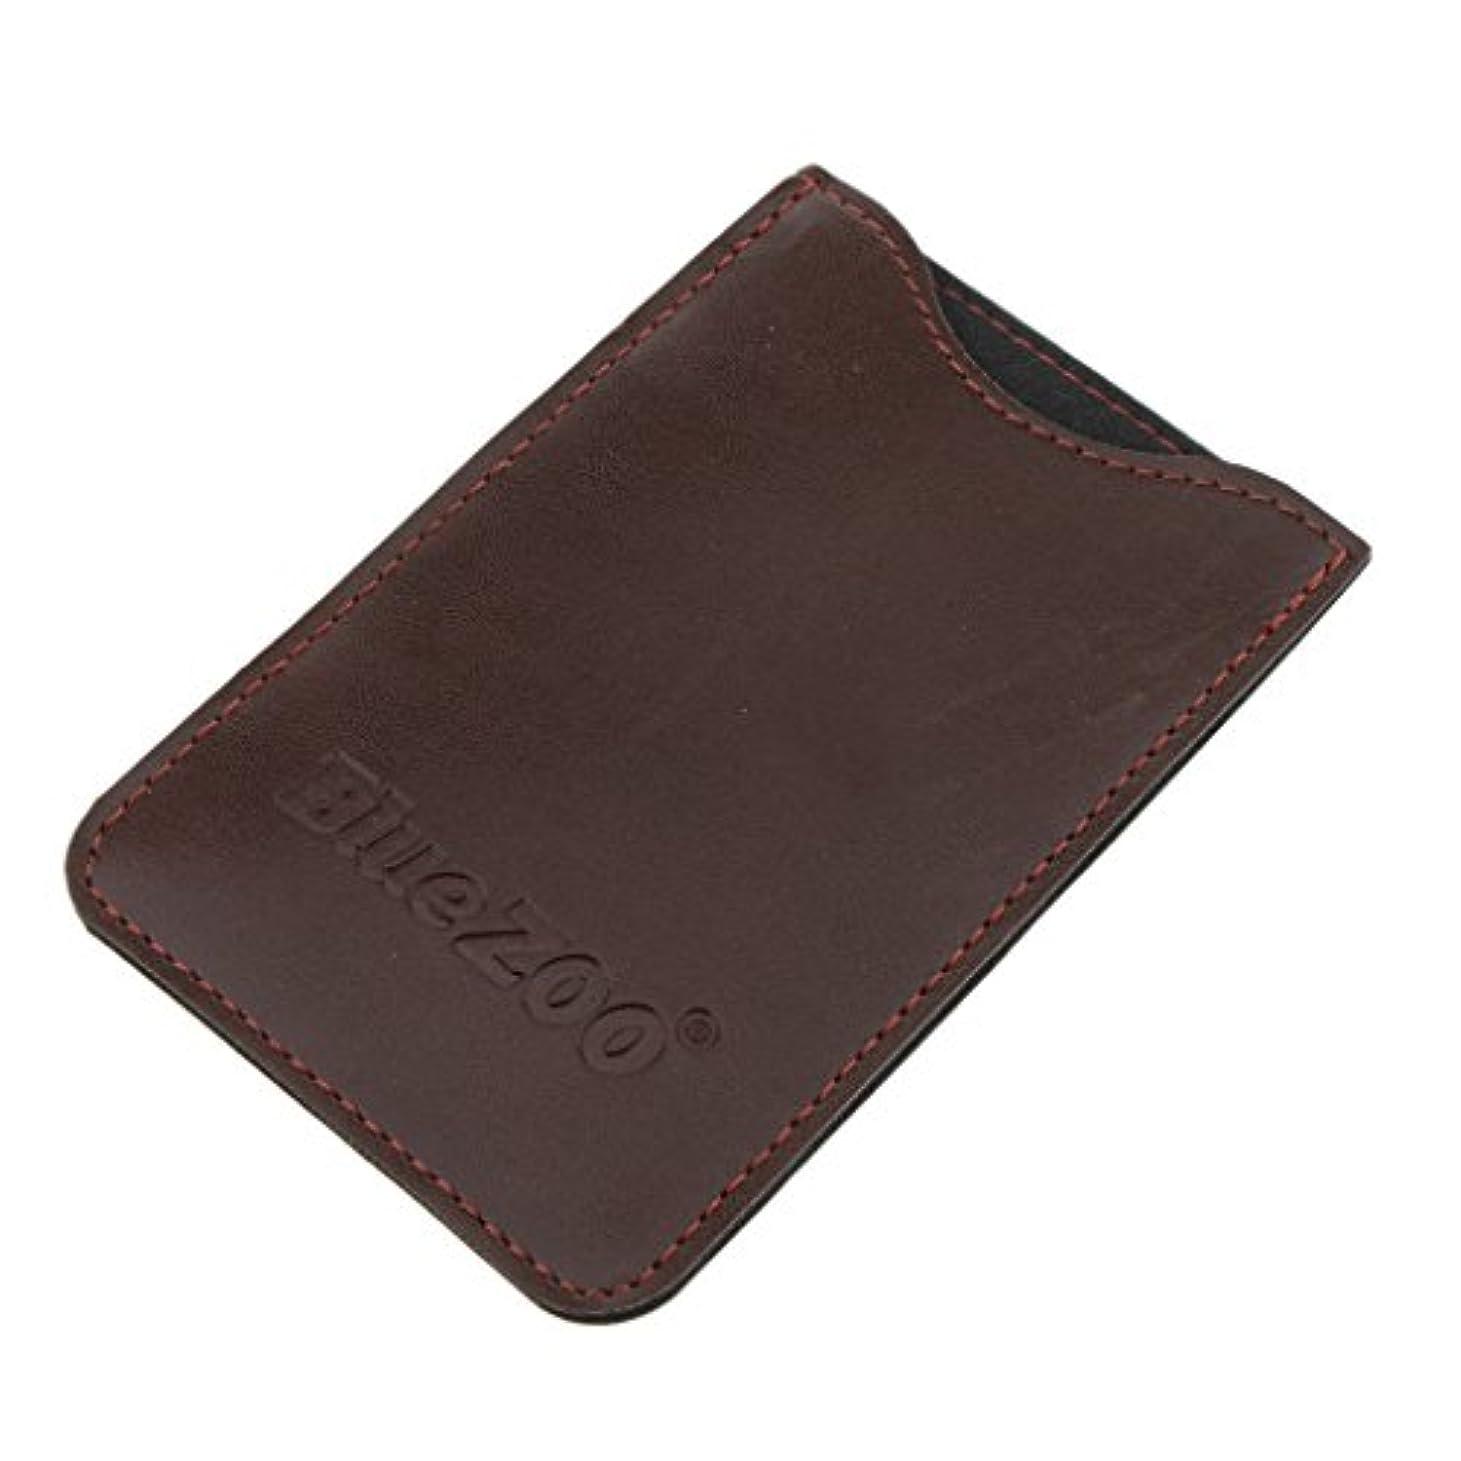 キャベツじゃがいもデコラティブコンビバッグ PUレザー 櫛バッグ ポケット オーガナイザー 収納ケース 保護カバー パック 全2色 - 褐色